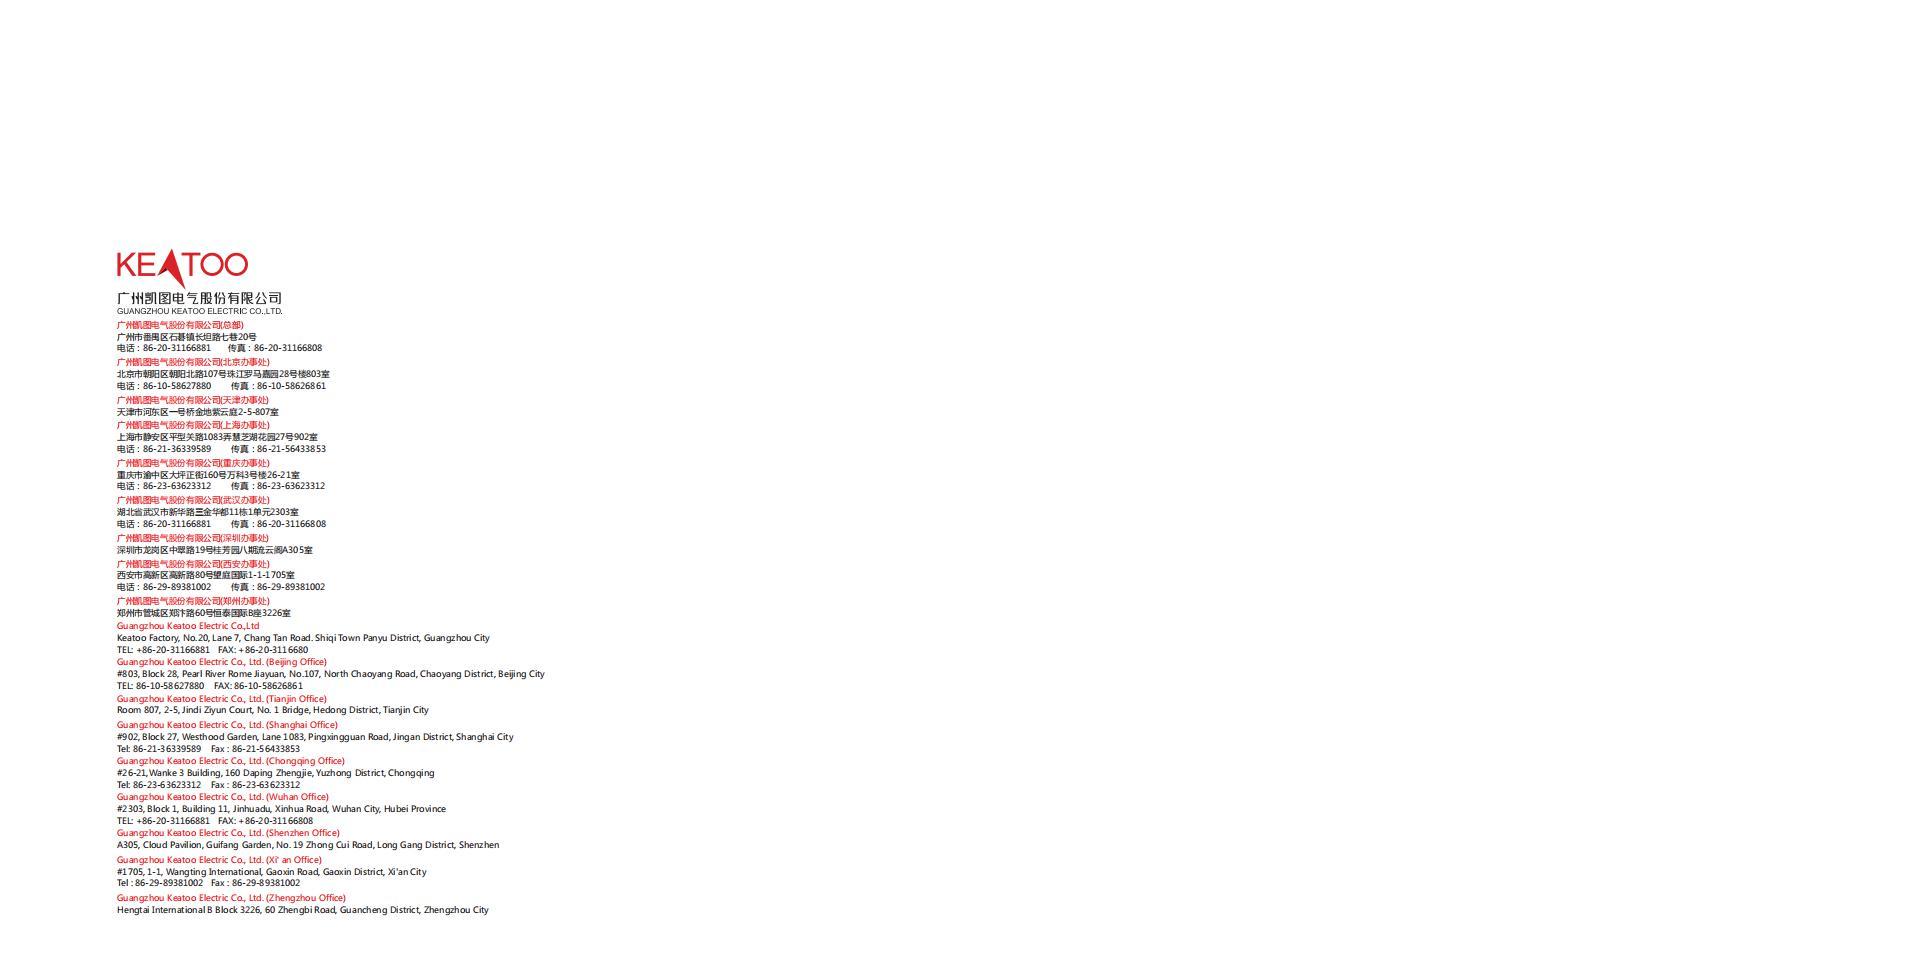 2019凱圖產品冊目錄-定稿版2019.5.31_98